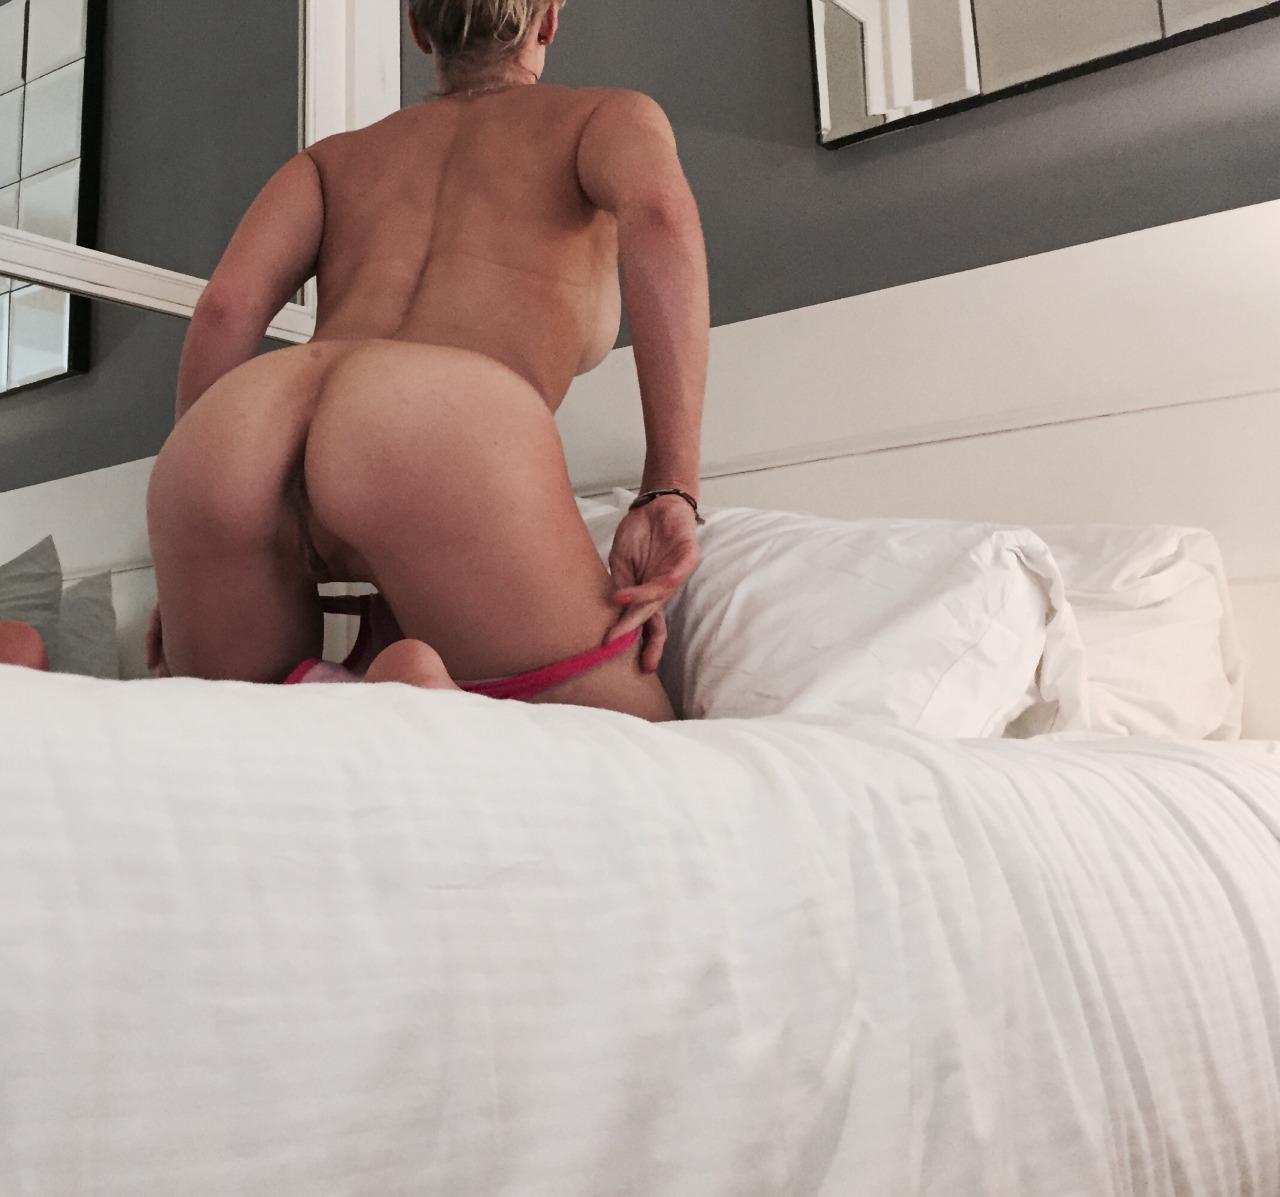 photo erotique d'une fille du 02 gourmande de sexe